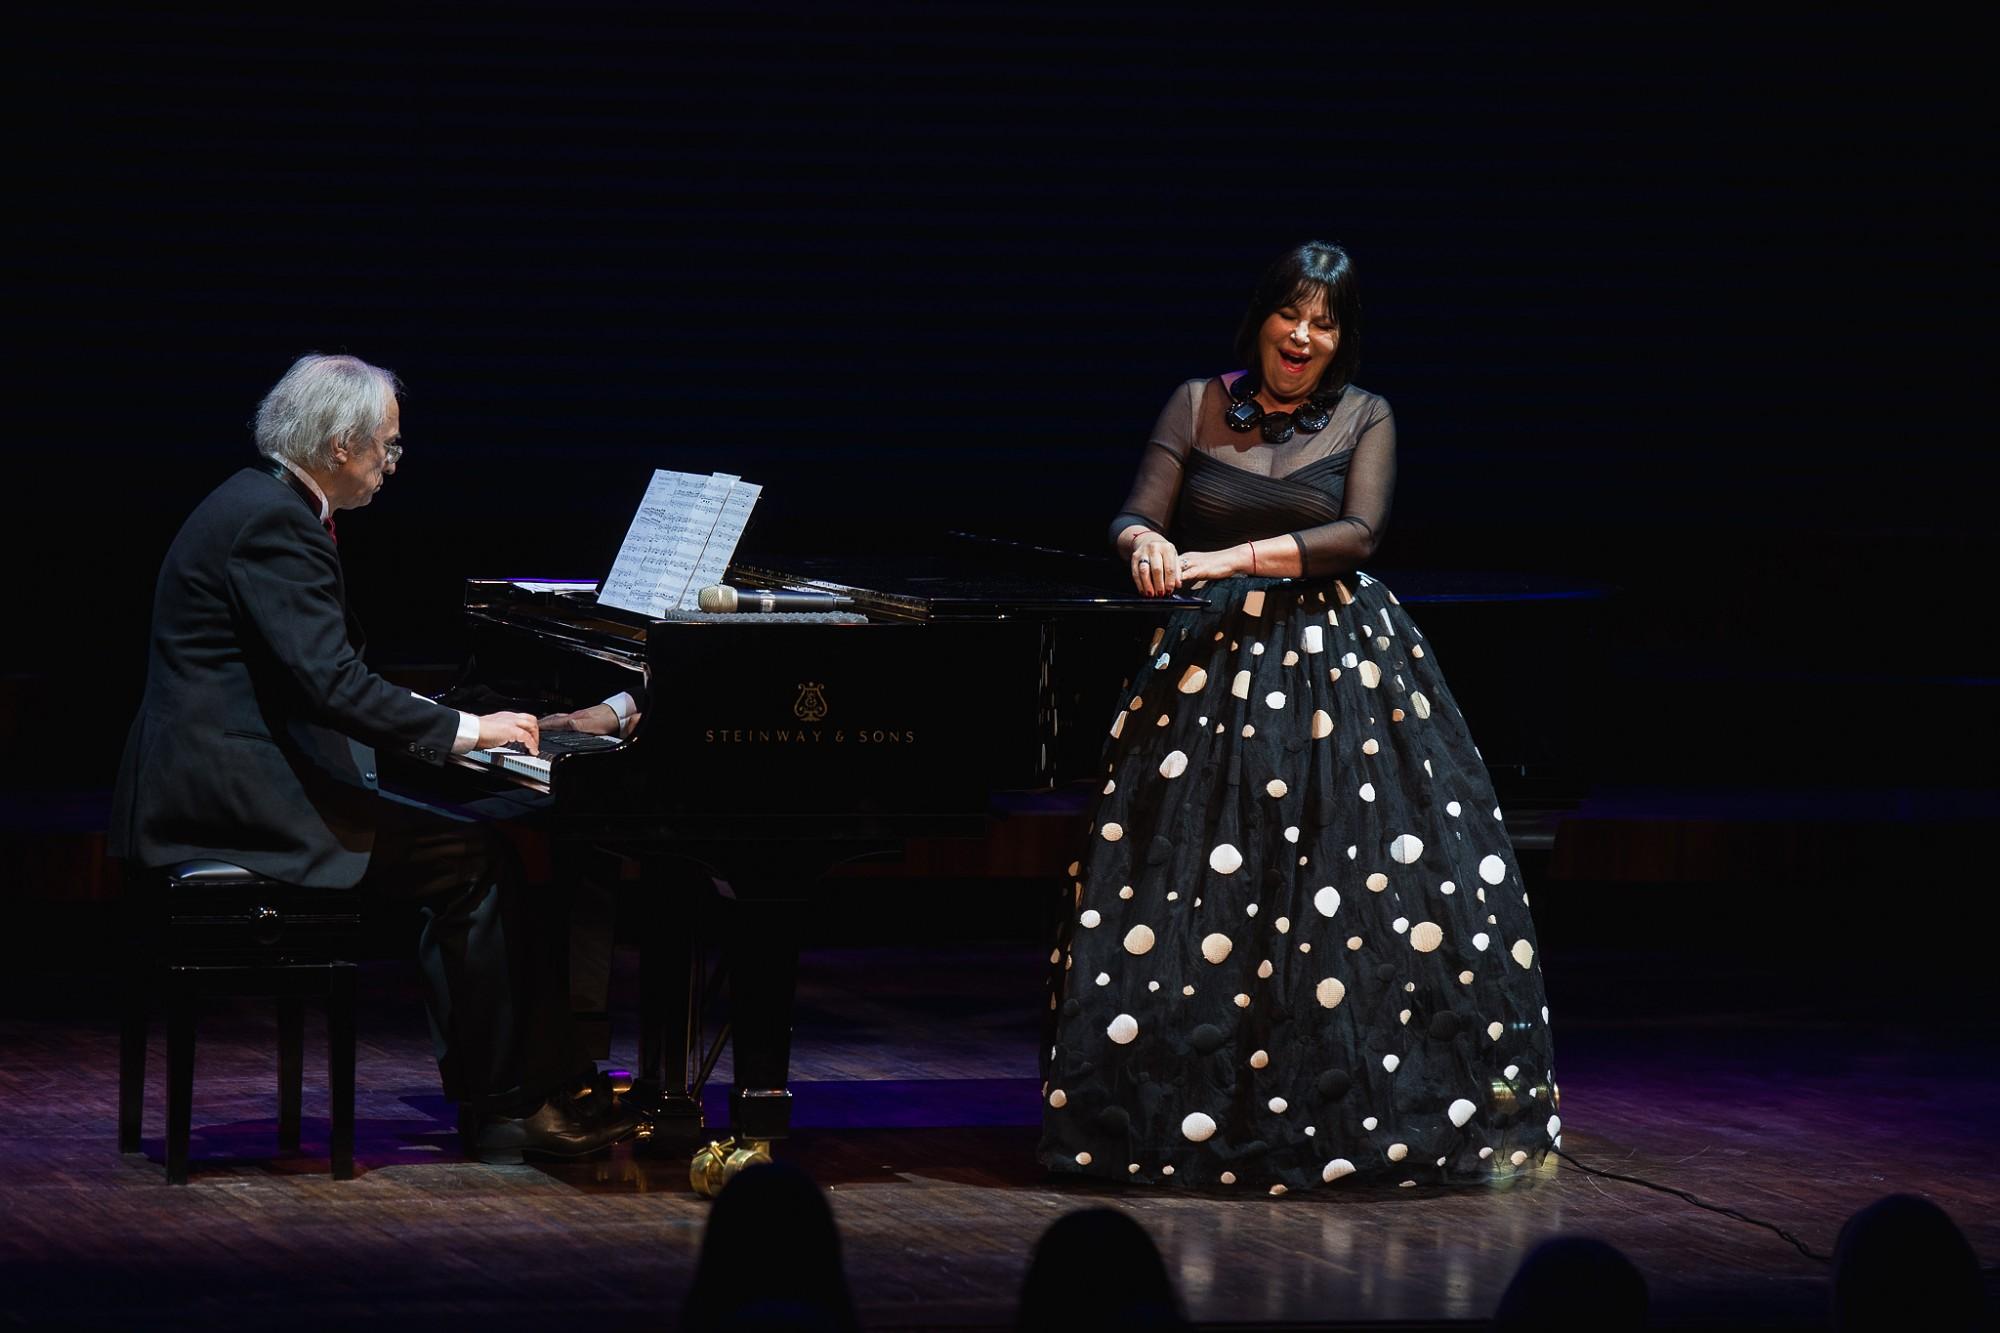 """В концертном зале """"Лиелайс дзинтарс"""" прозвучал концерт Инесе Галанте"""